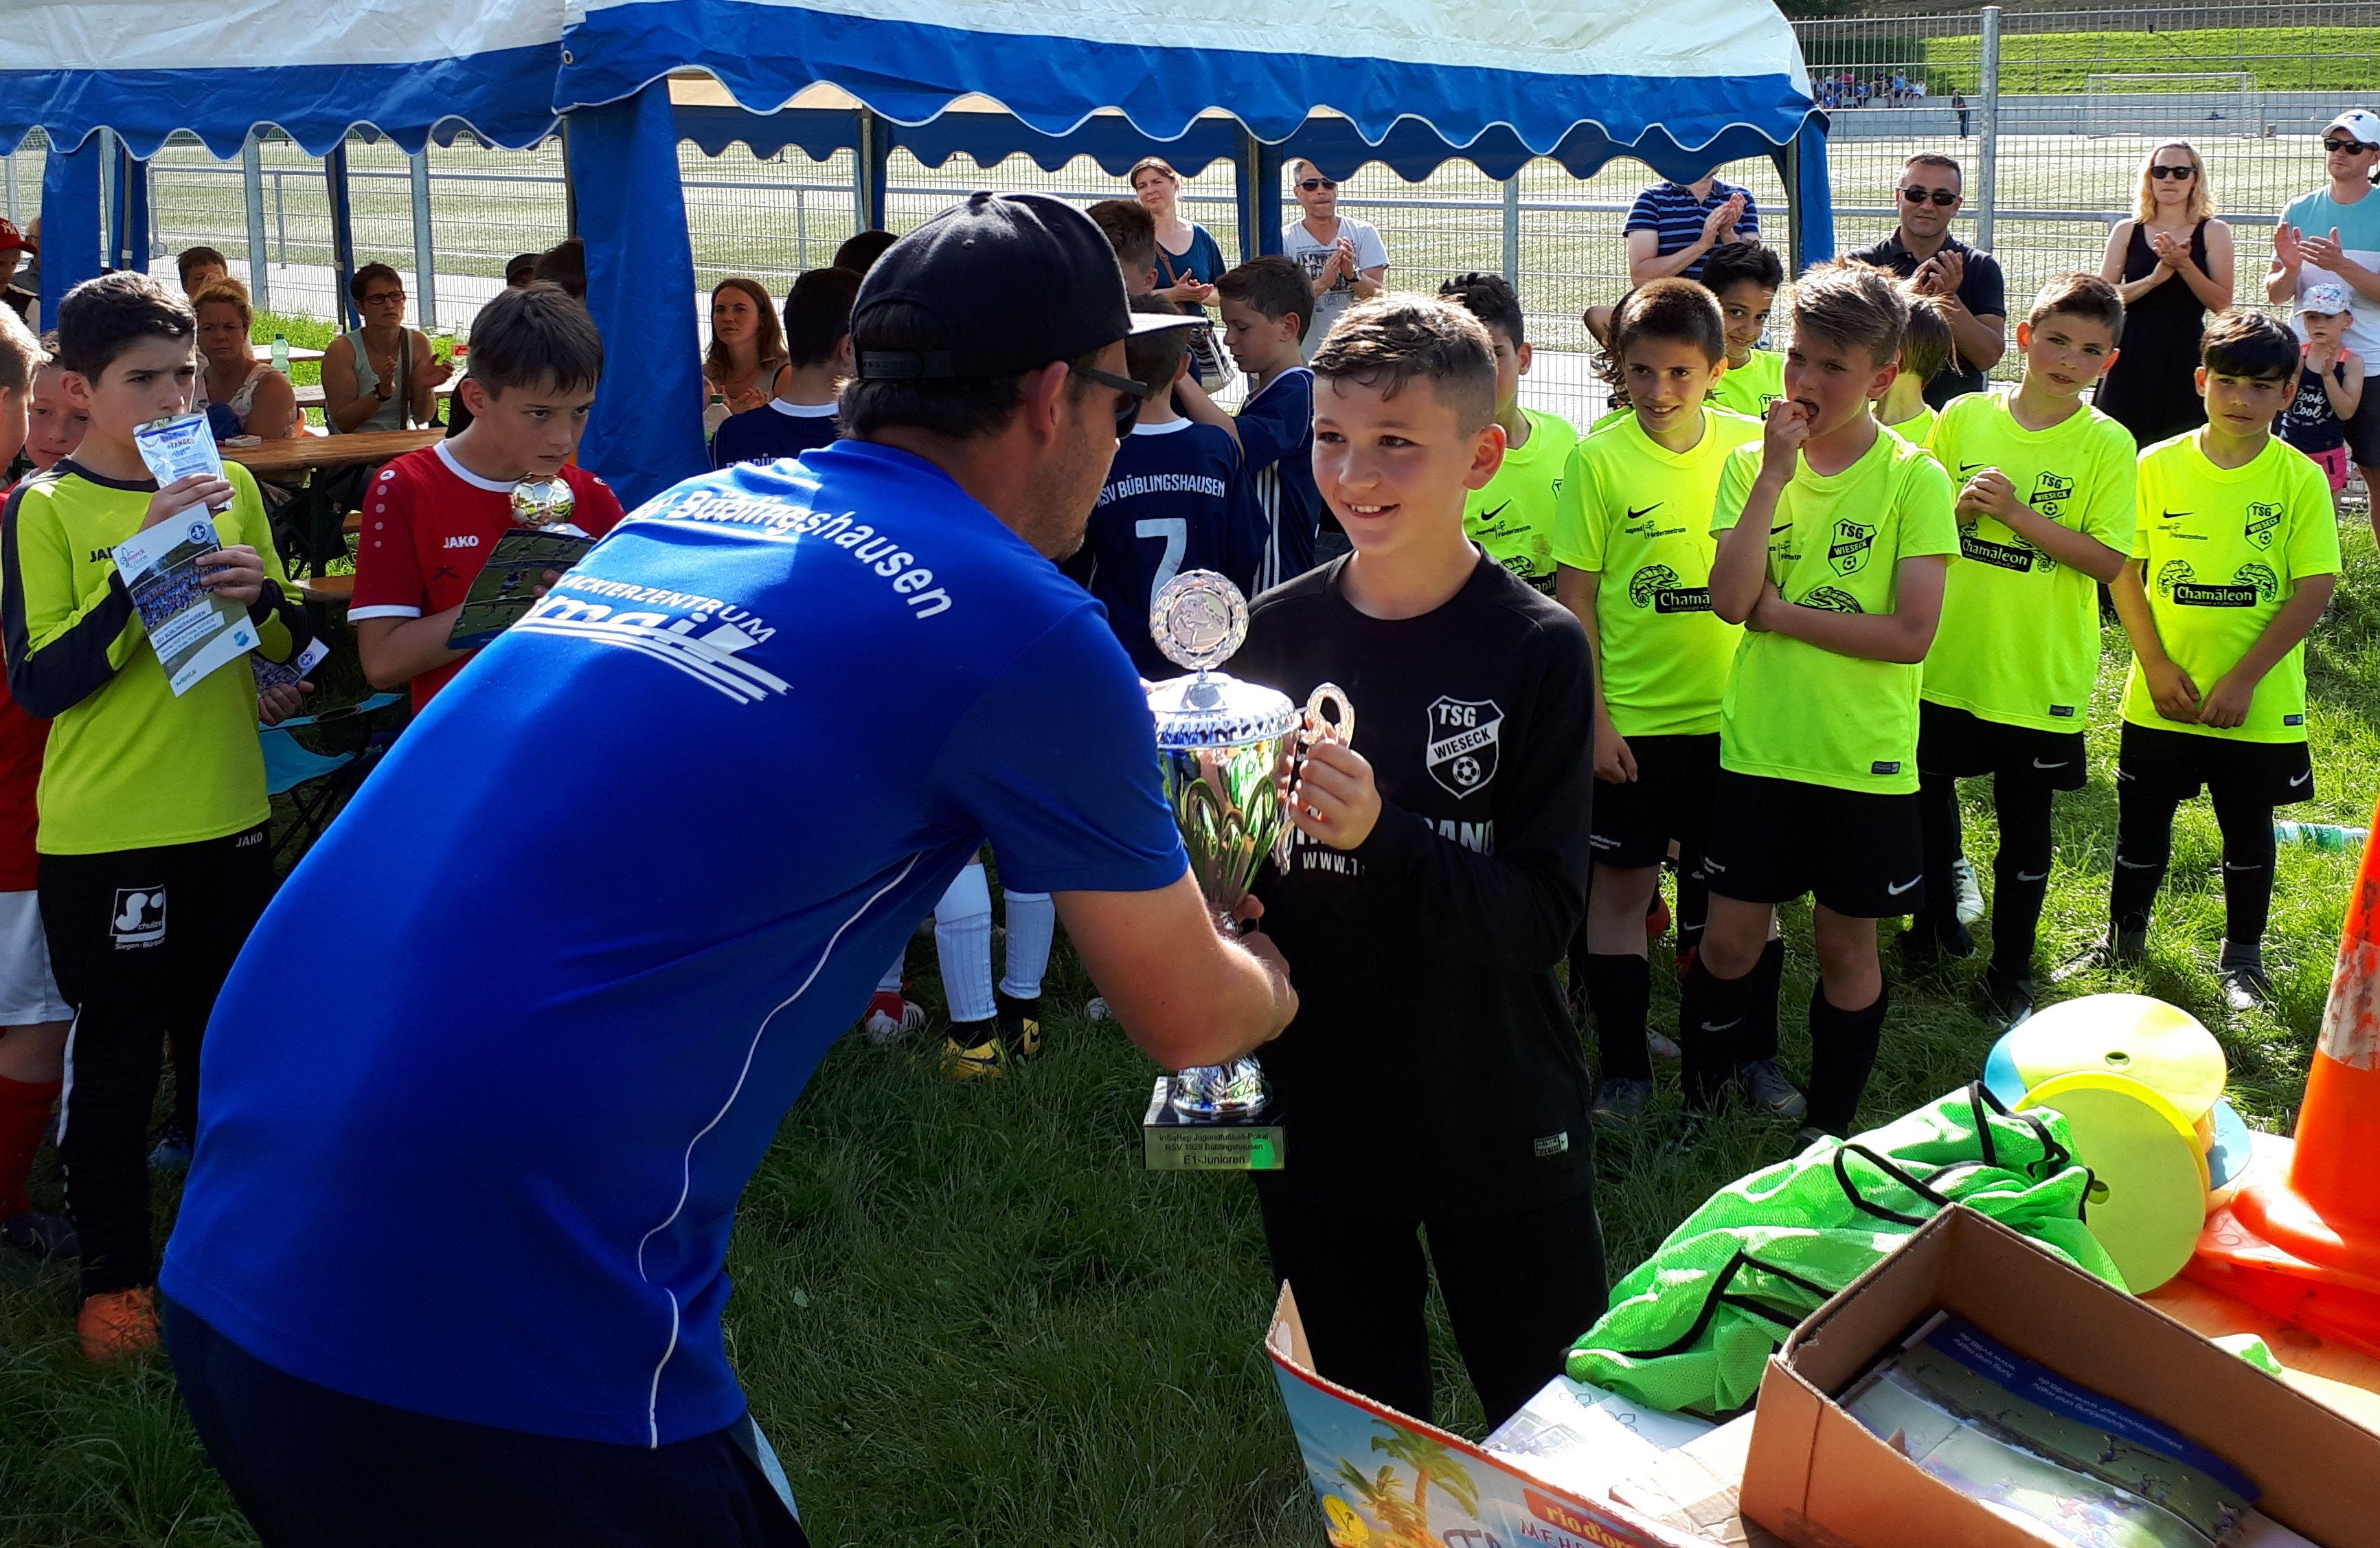 4. RSV-Turnier um den InSaRep-Pokal: RSV- C-Jugend siegt – Über 50 Mannschaften am Start